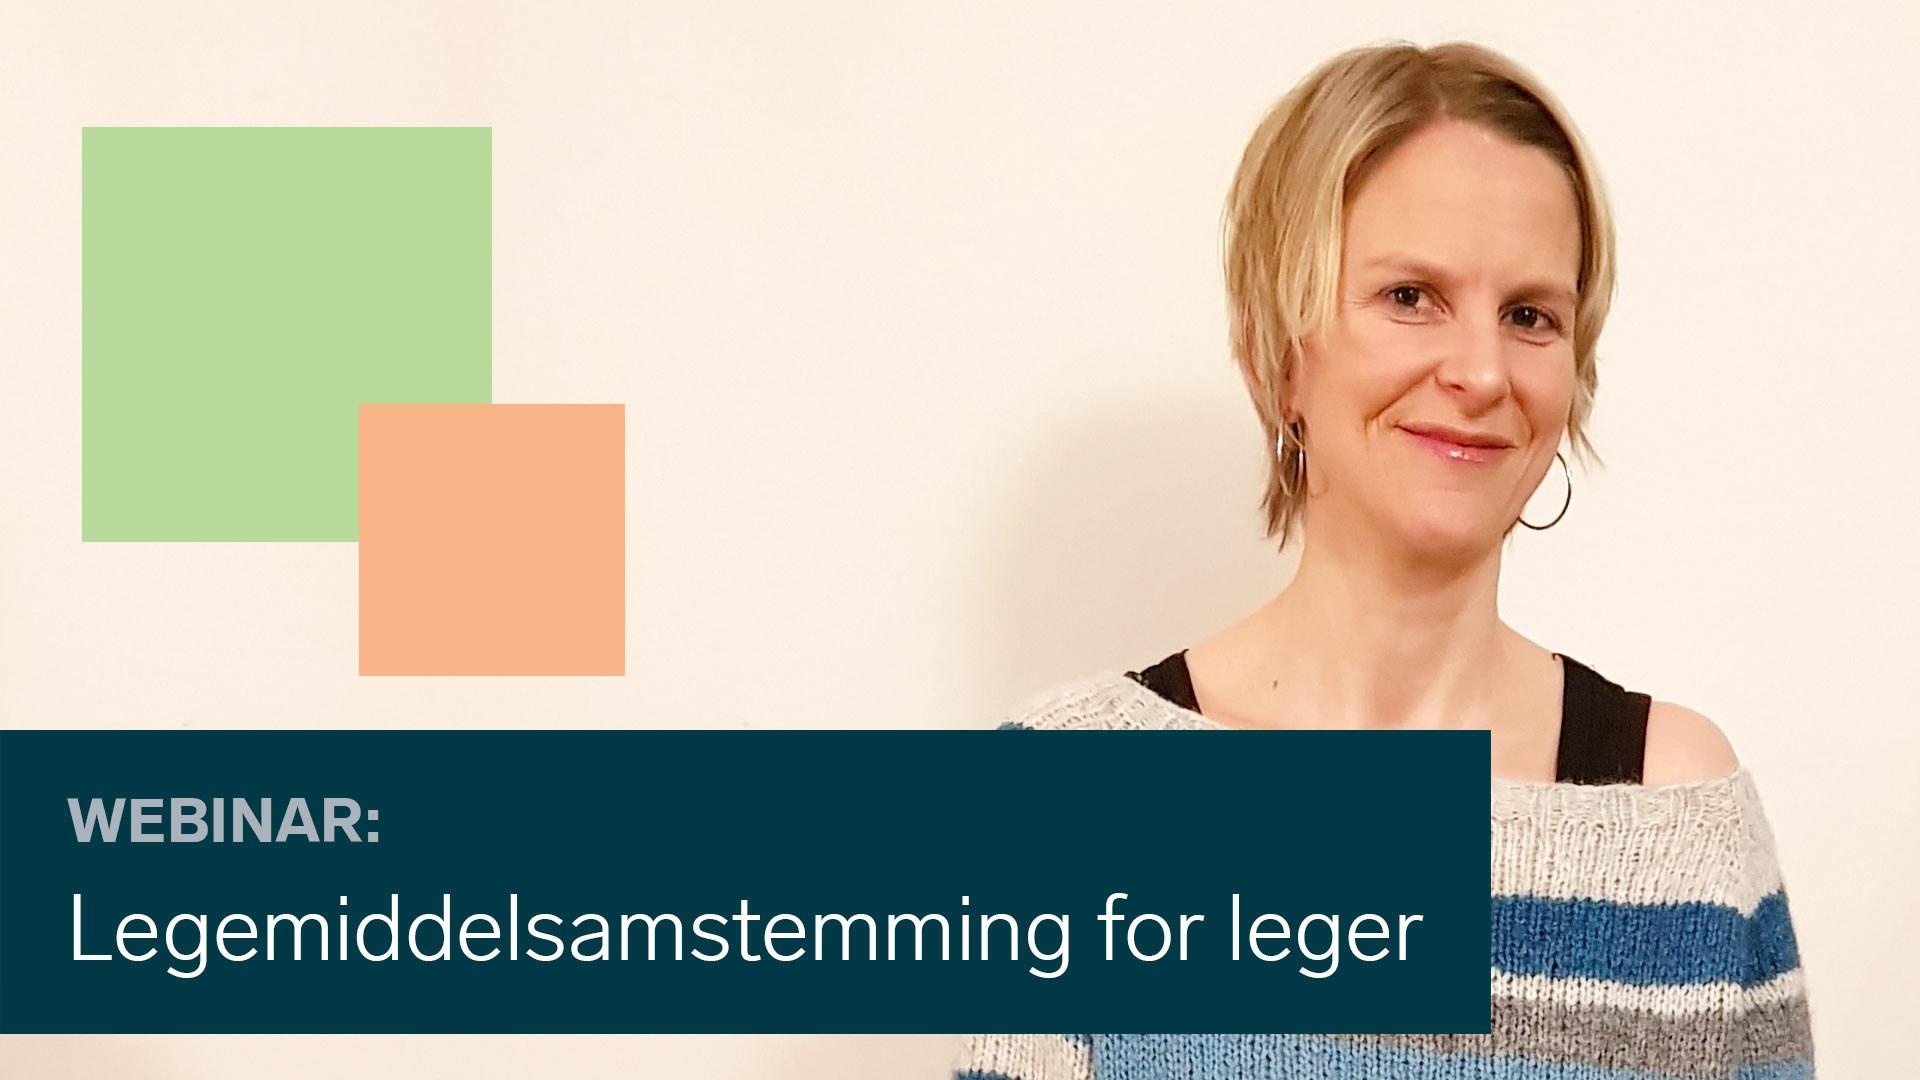 Kristin Fladstad Heier skal snakke om samstemming av legemidler.